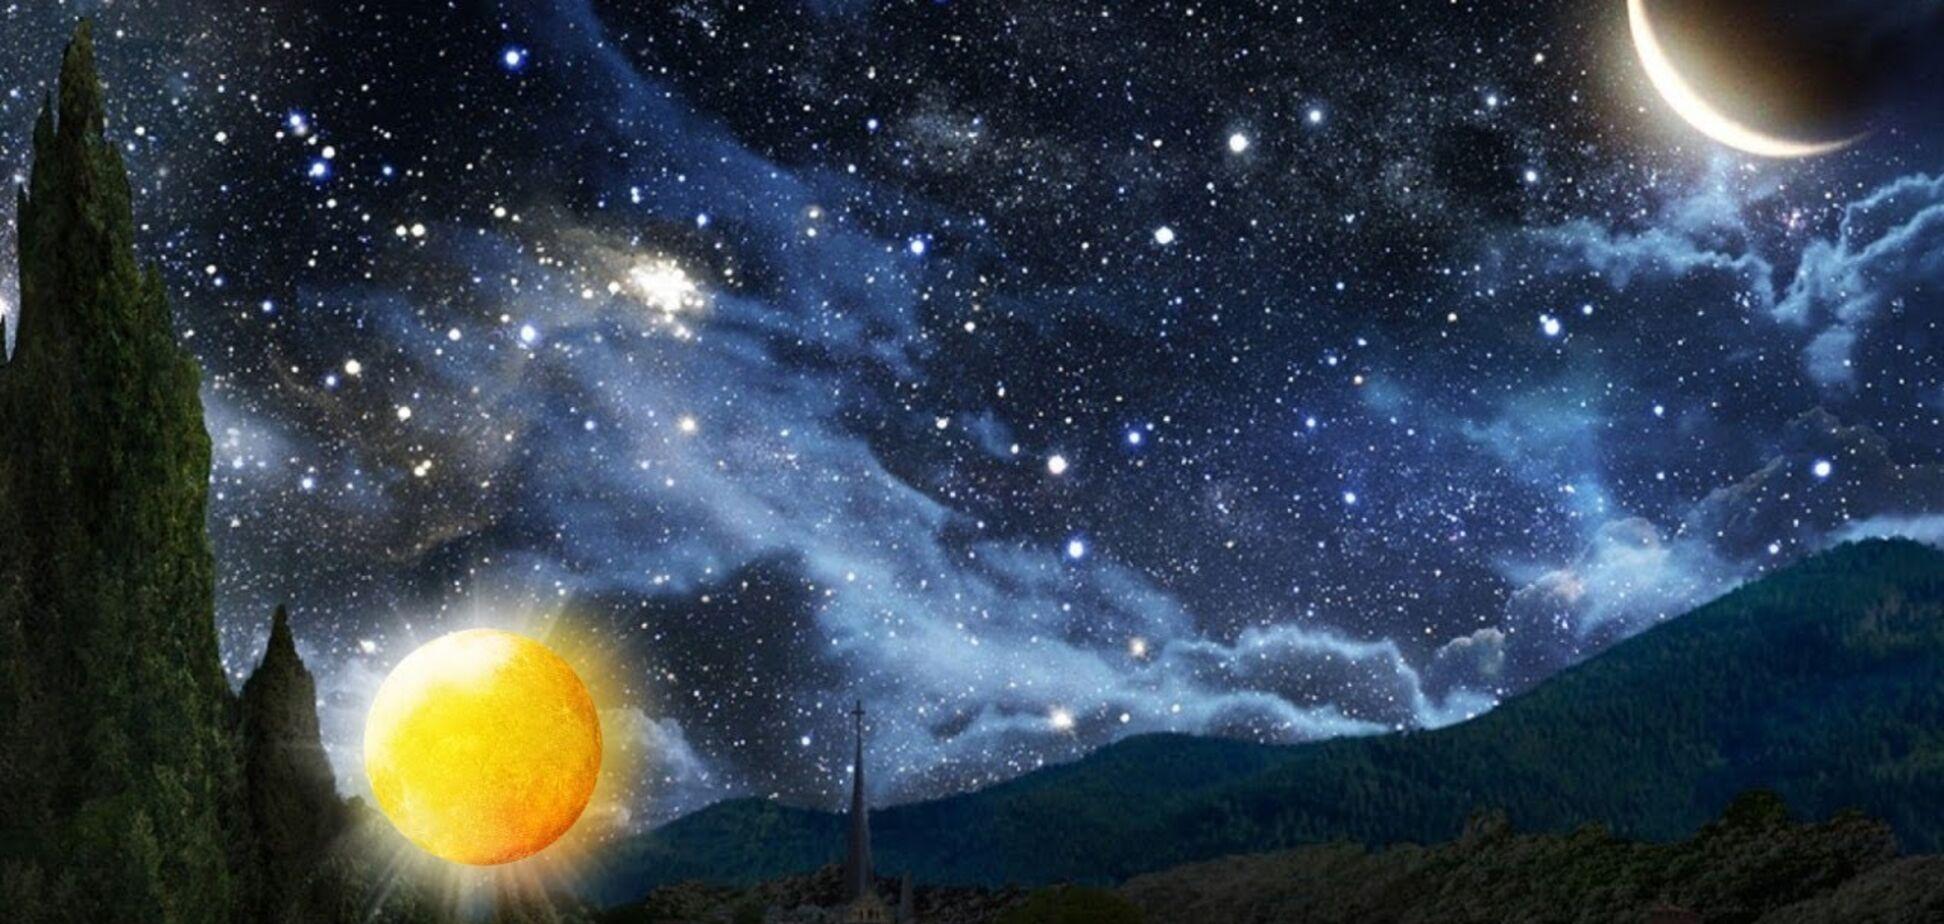 Особливий день 7 лютого: стало відомо, як використовувати точку між затемненнями